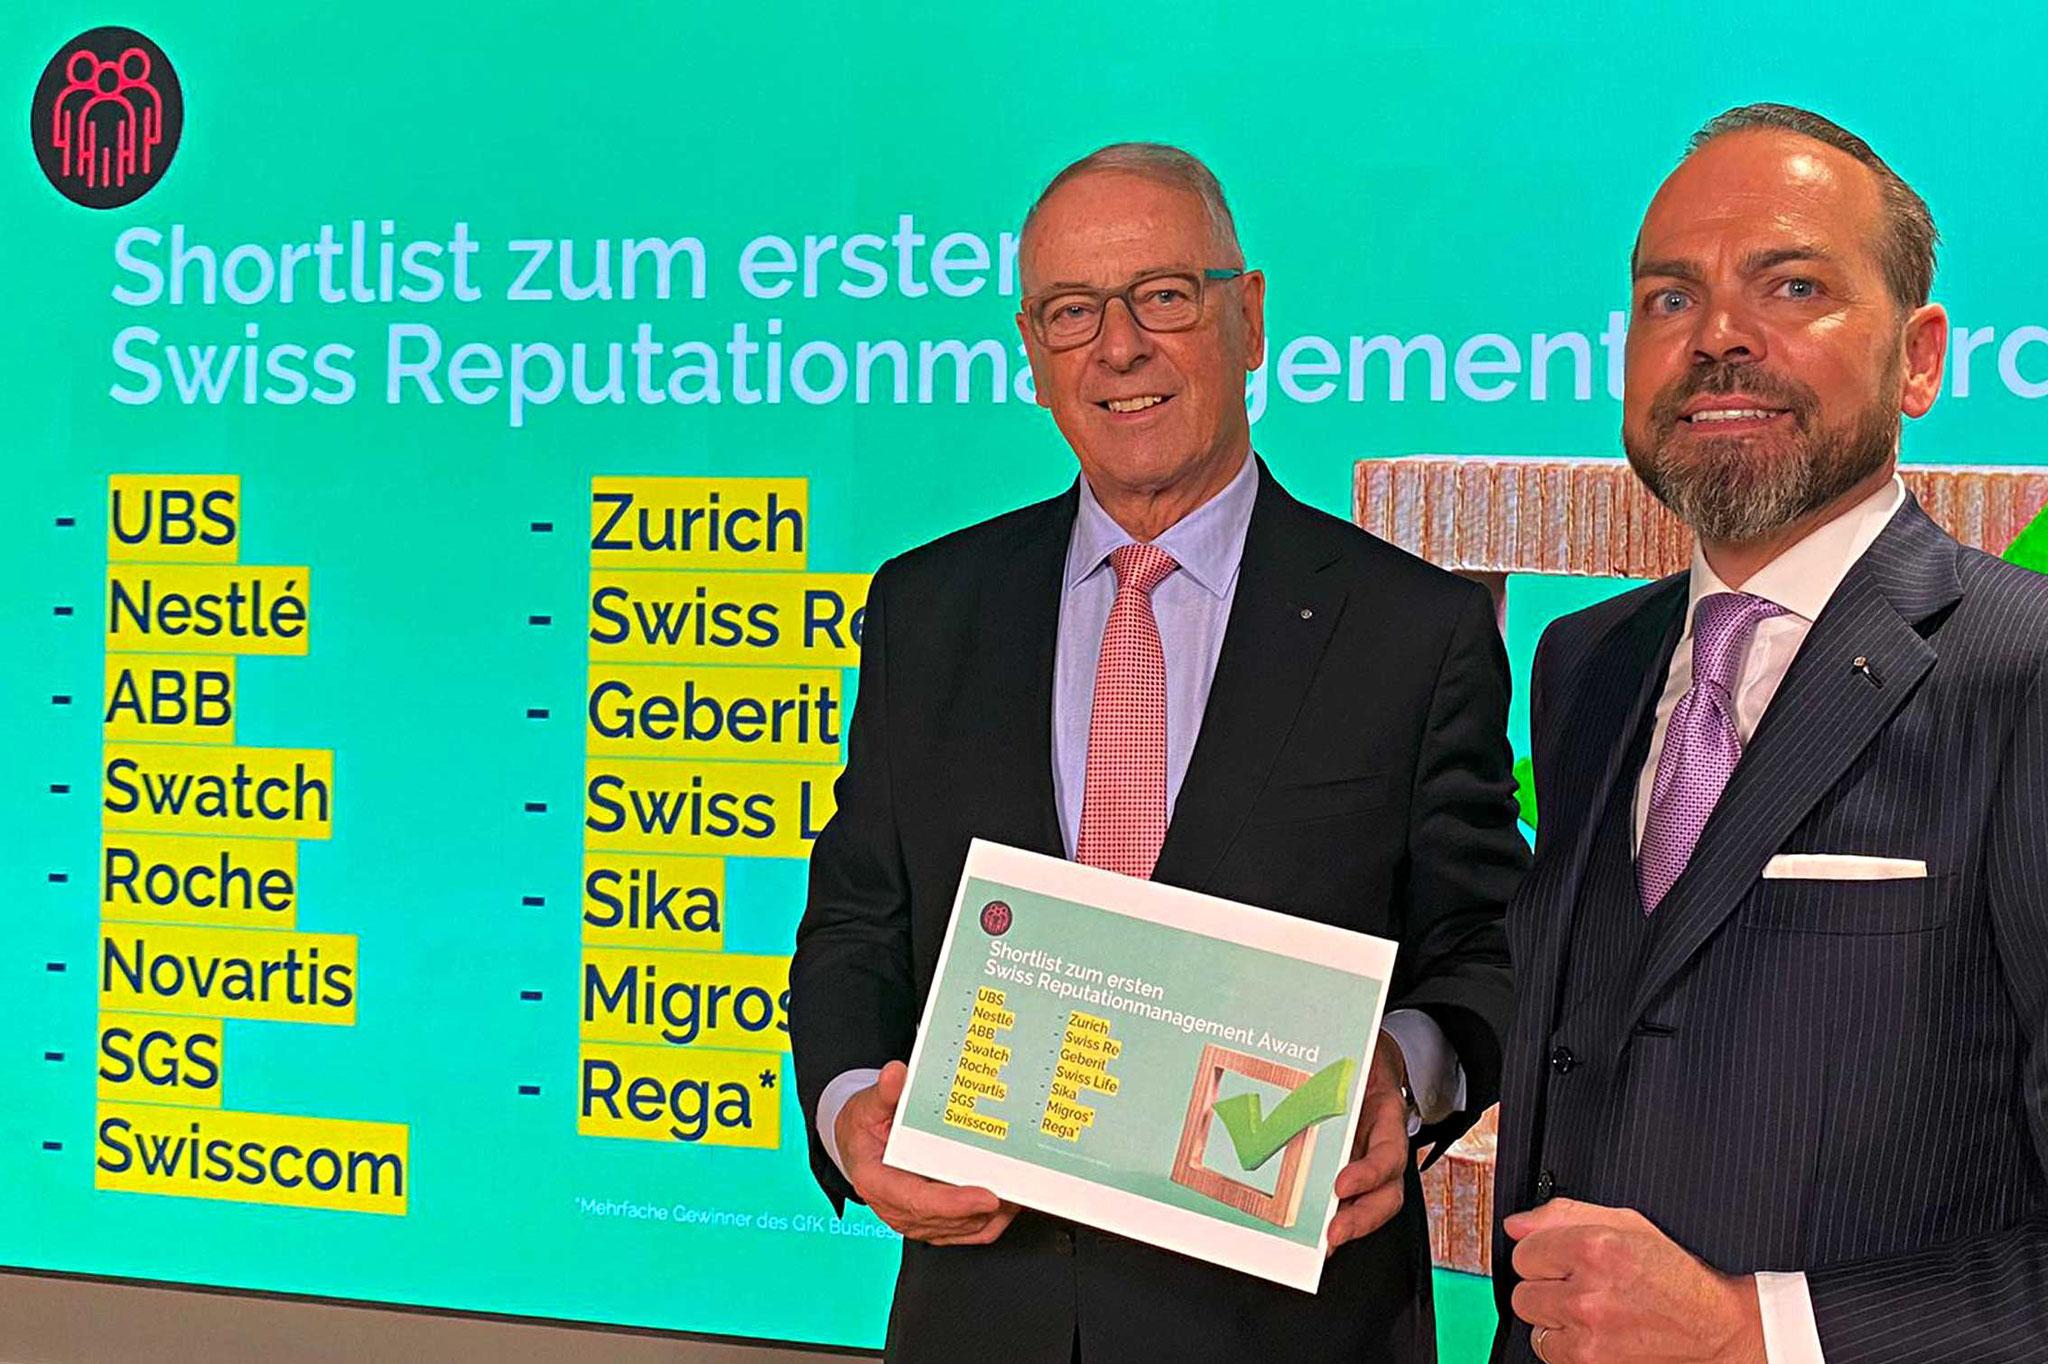 """Schirmherr des 1. Swiss Reputationmanagement Award, alt Bundesrat Adolf """"Dölf"""" Ogi, lüftet gemeinsam mit Christof Küng das Geheimnis der Shortlist"""